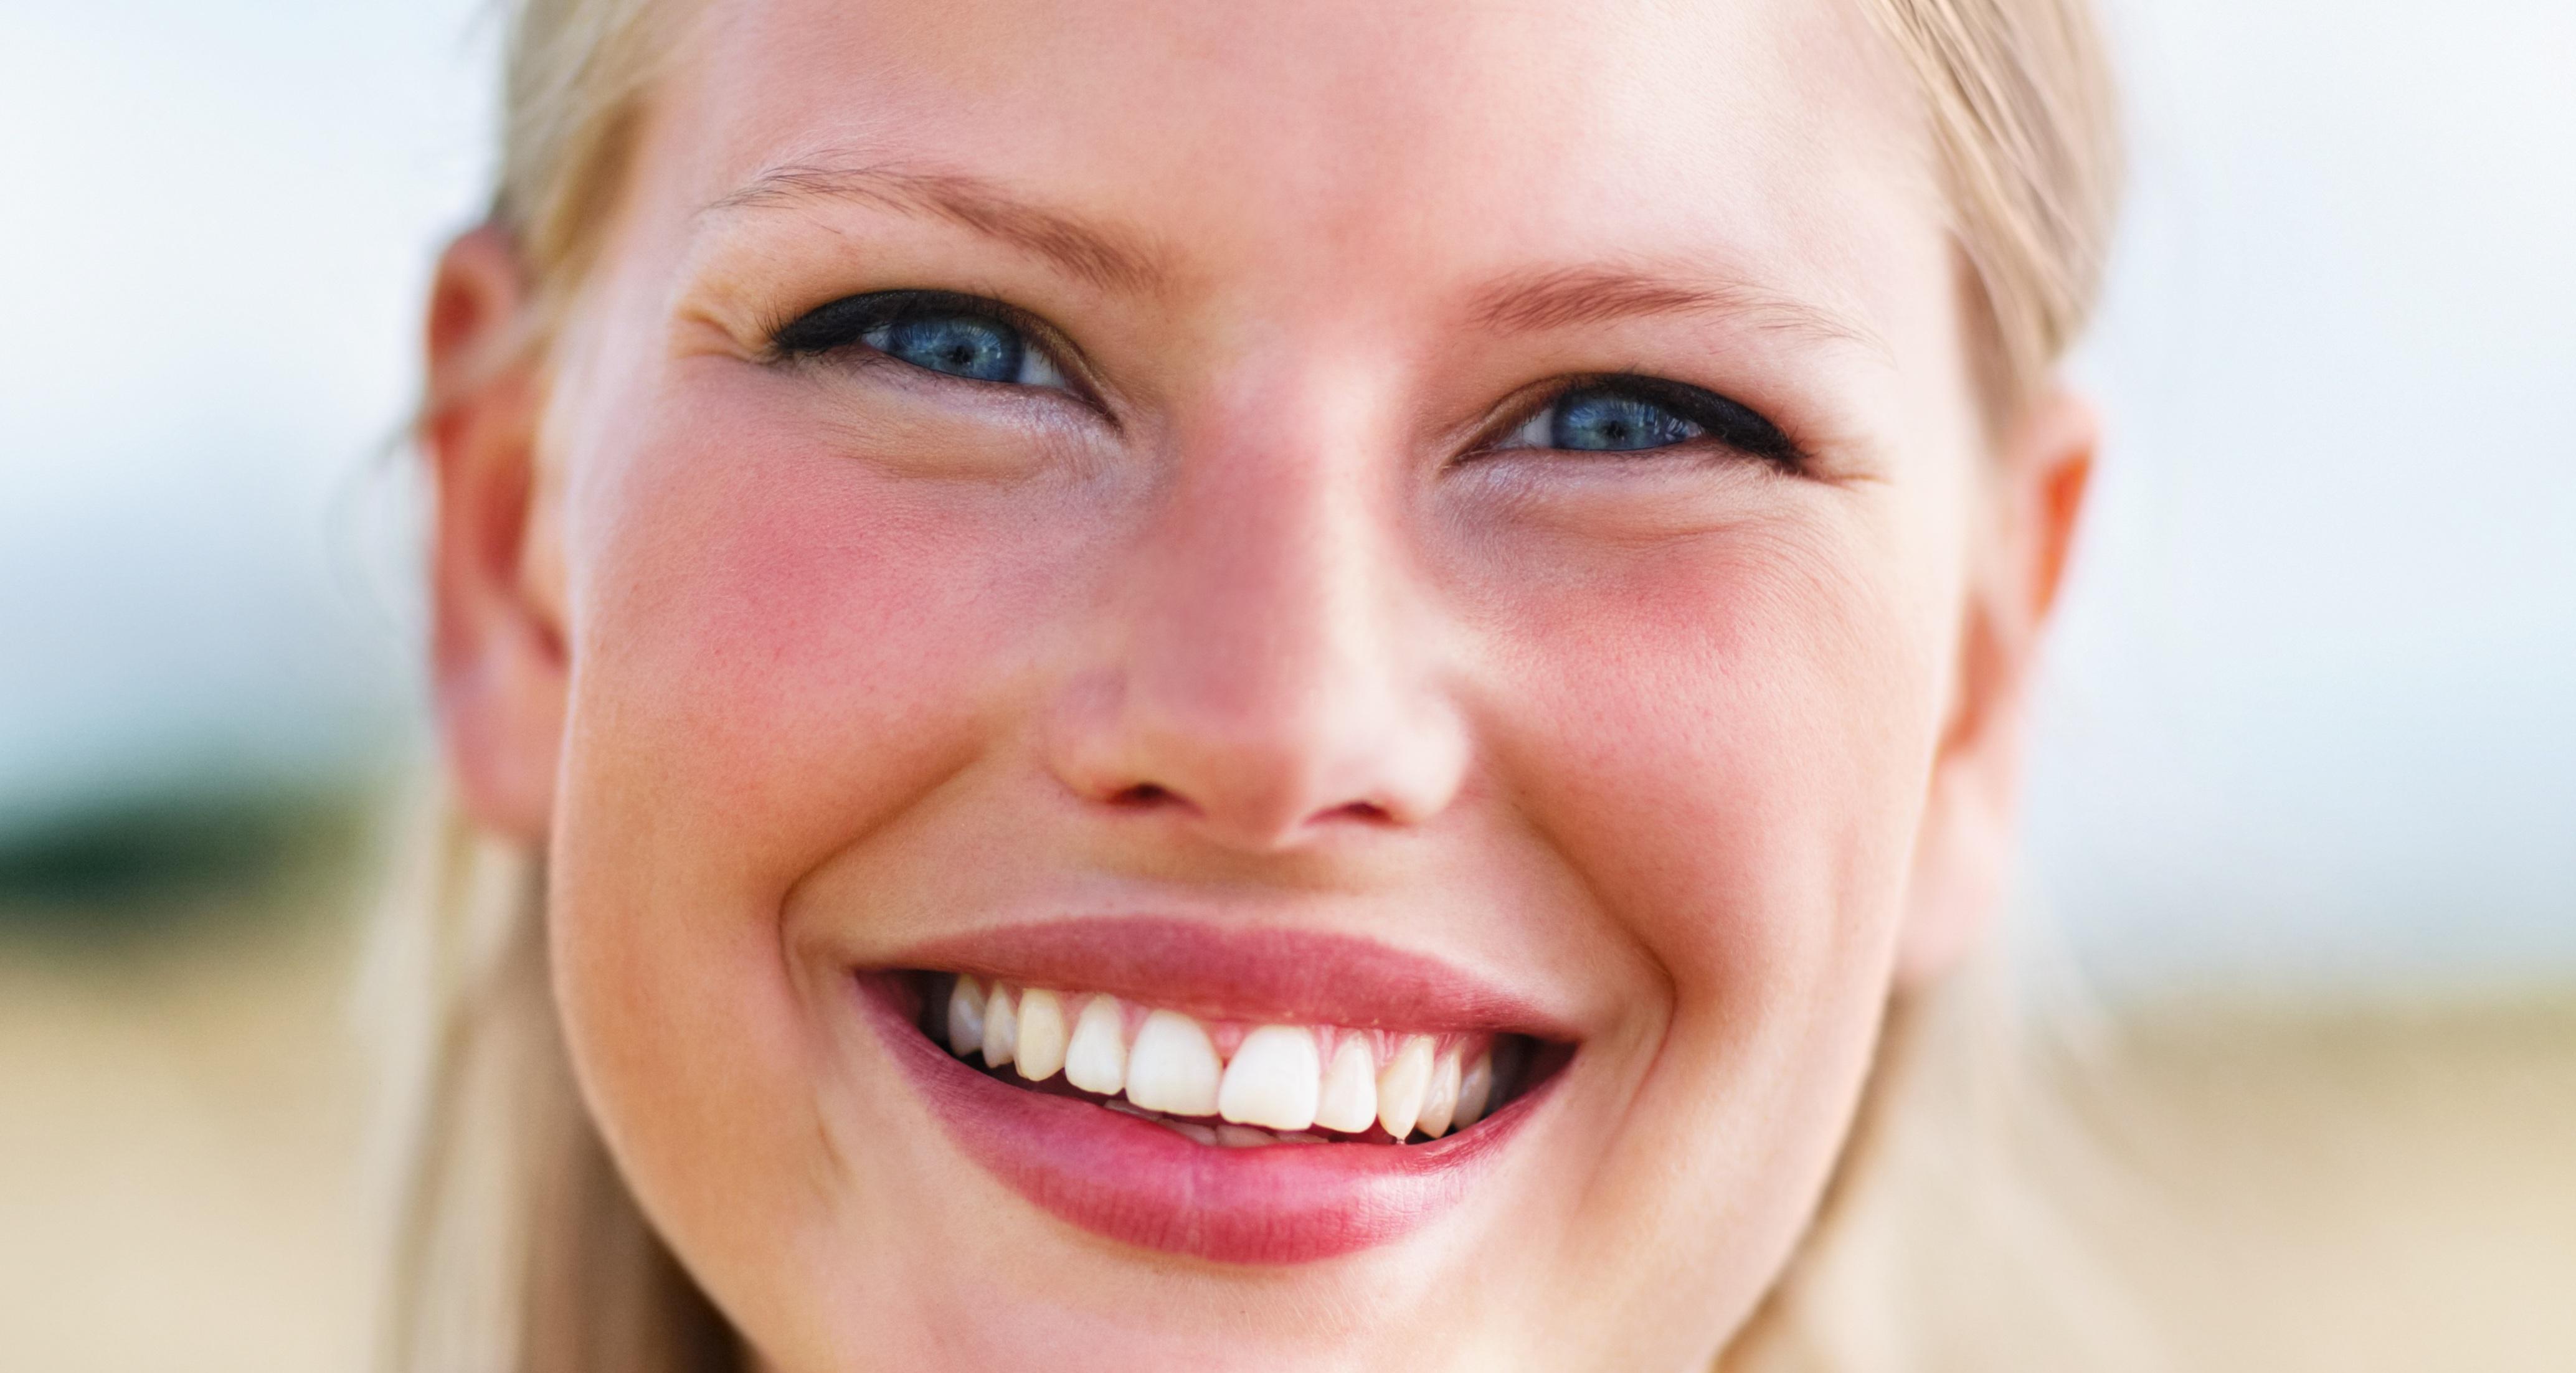 Cinco Doenças da Boca Que Aparecem, Se Não Tomar Cuidado